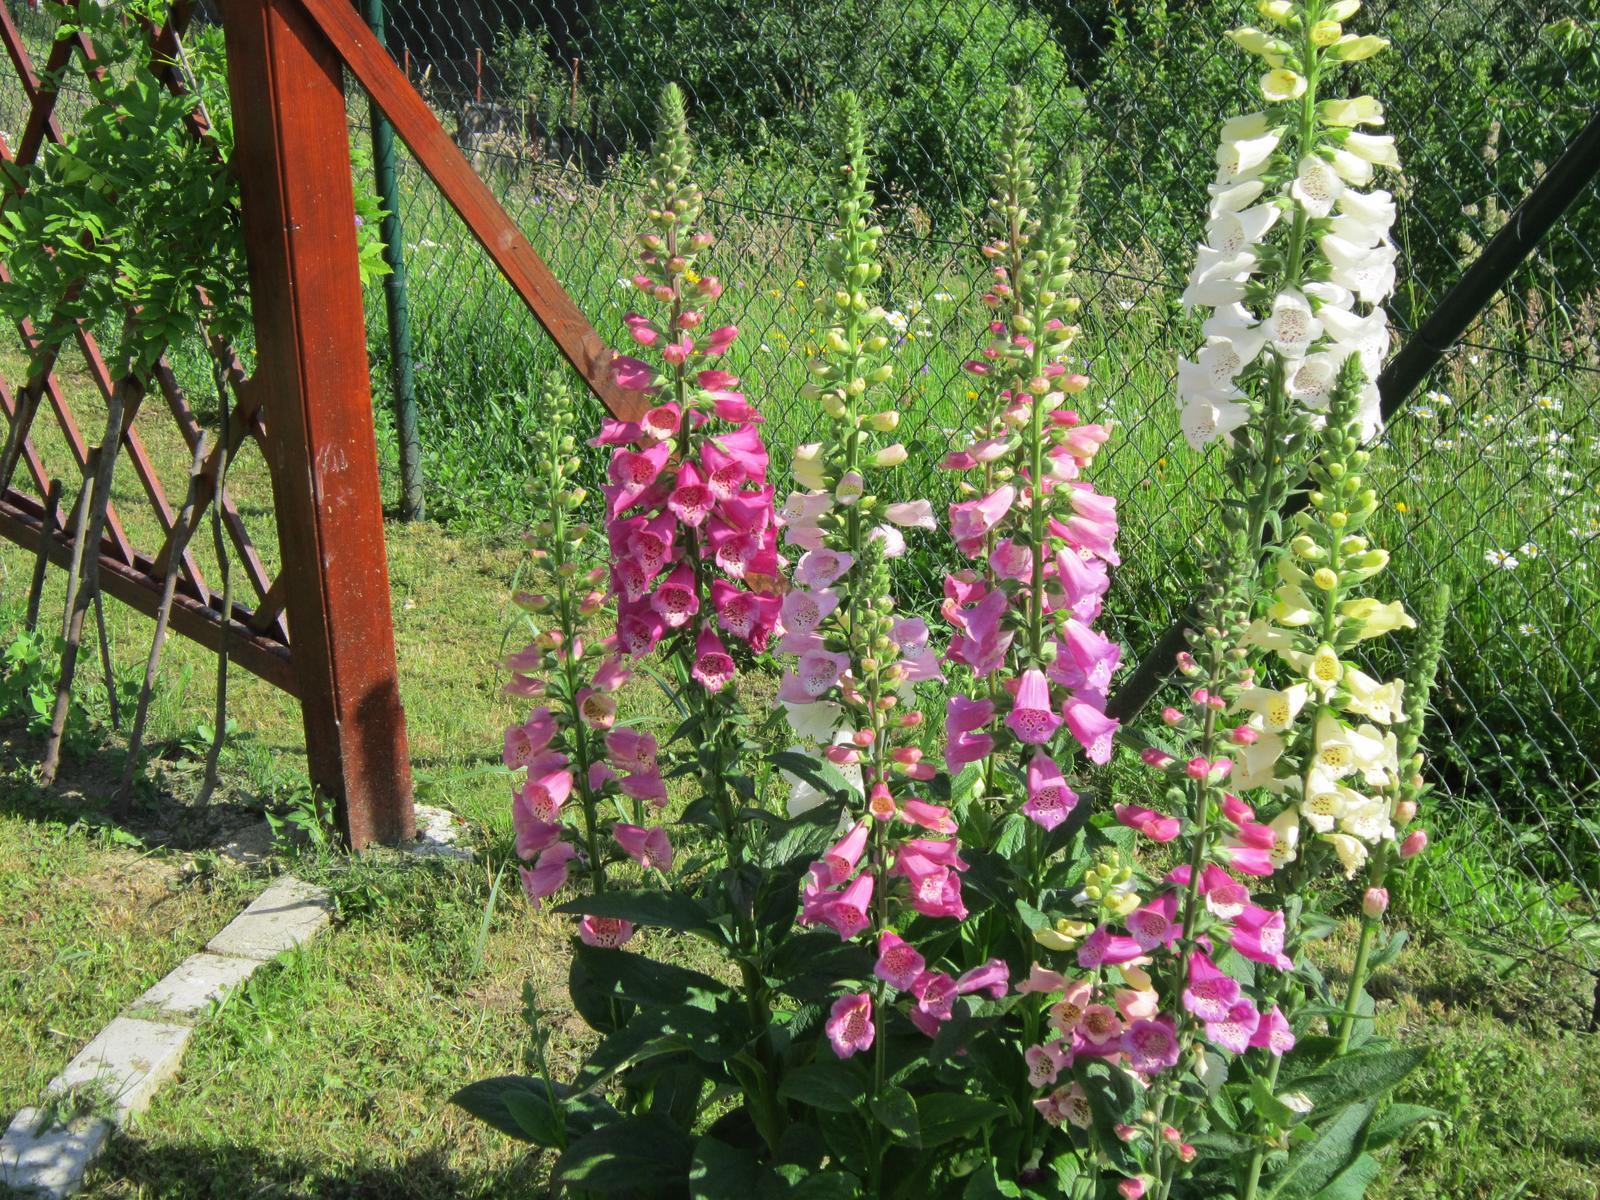 Moja záhrada...ako šiel čas - Obrázok č. 63